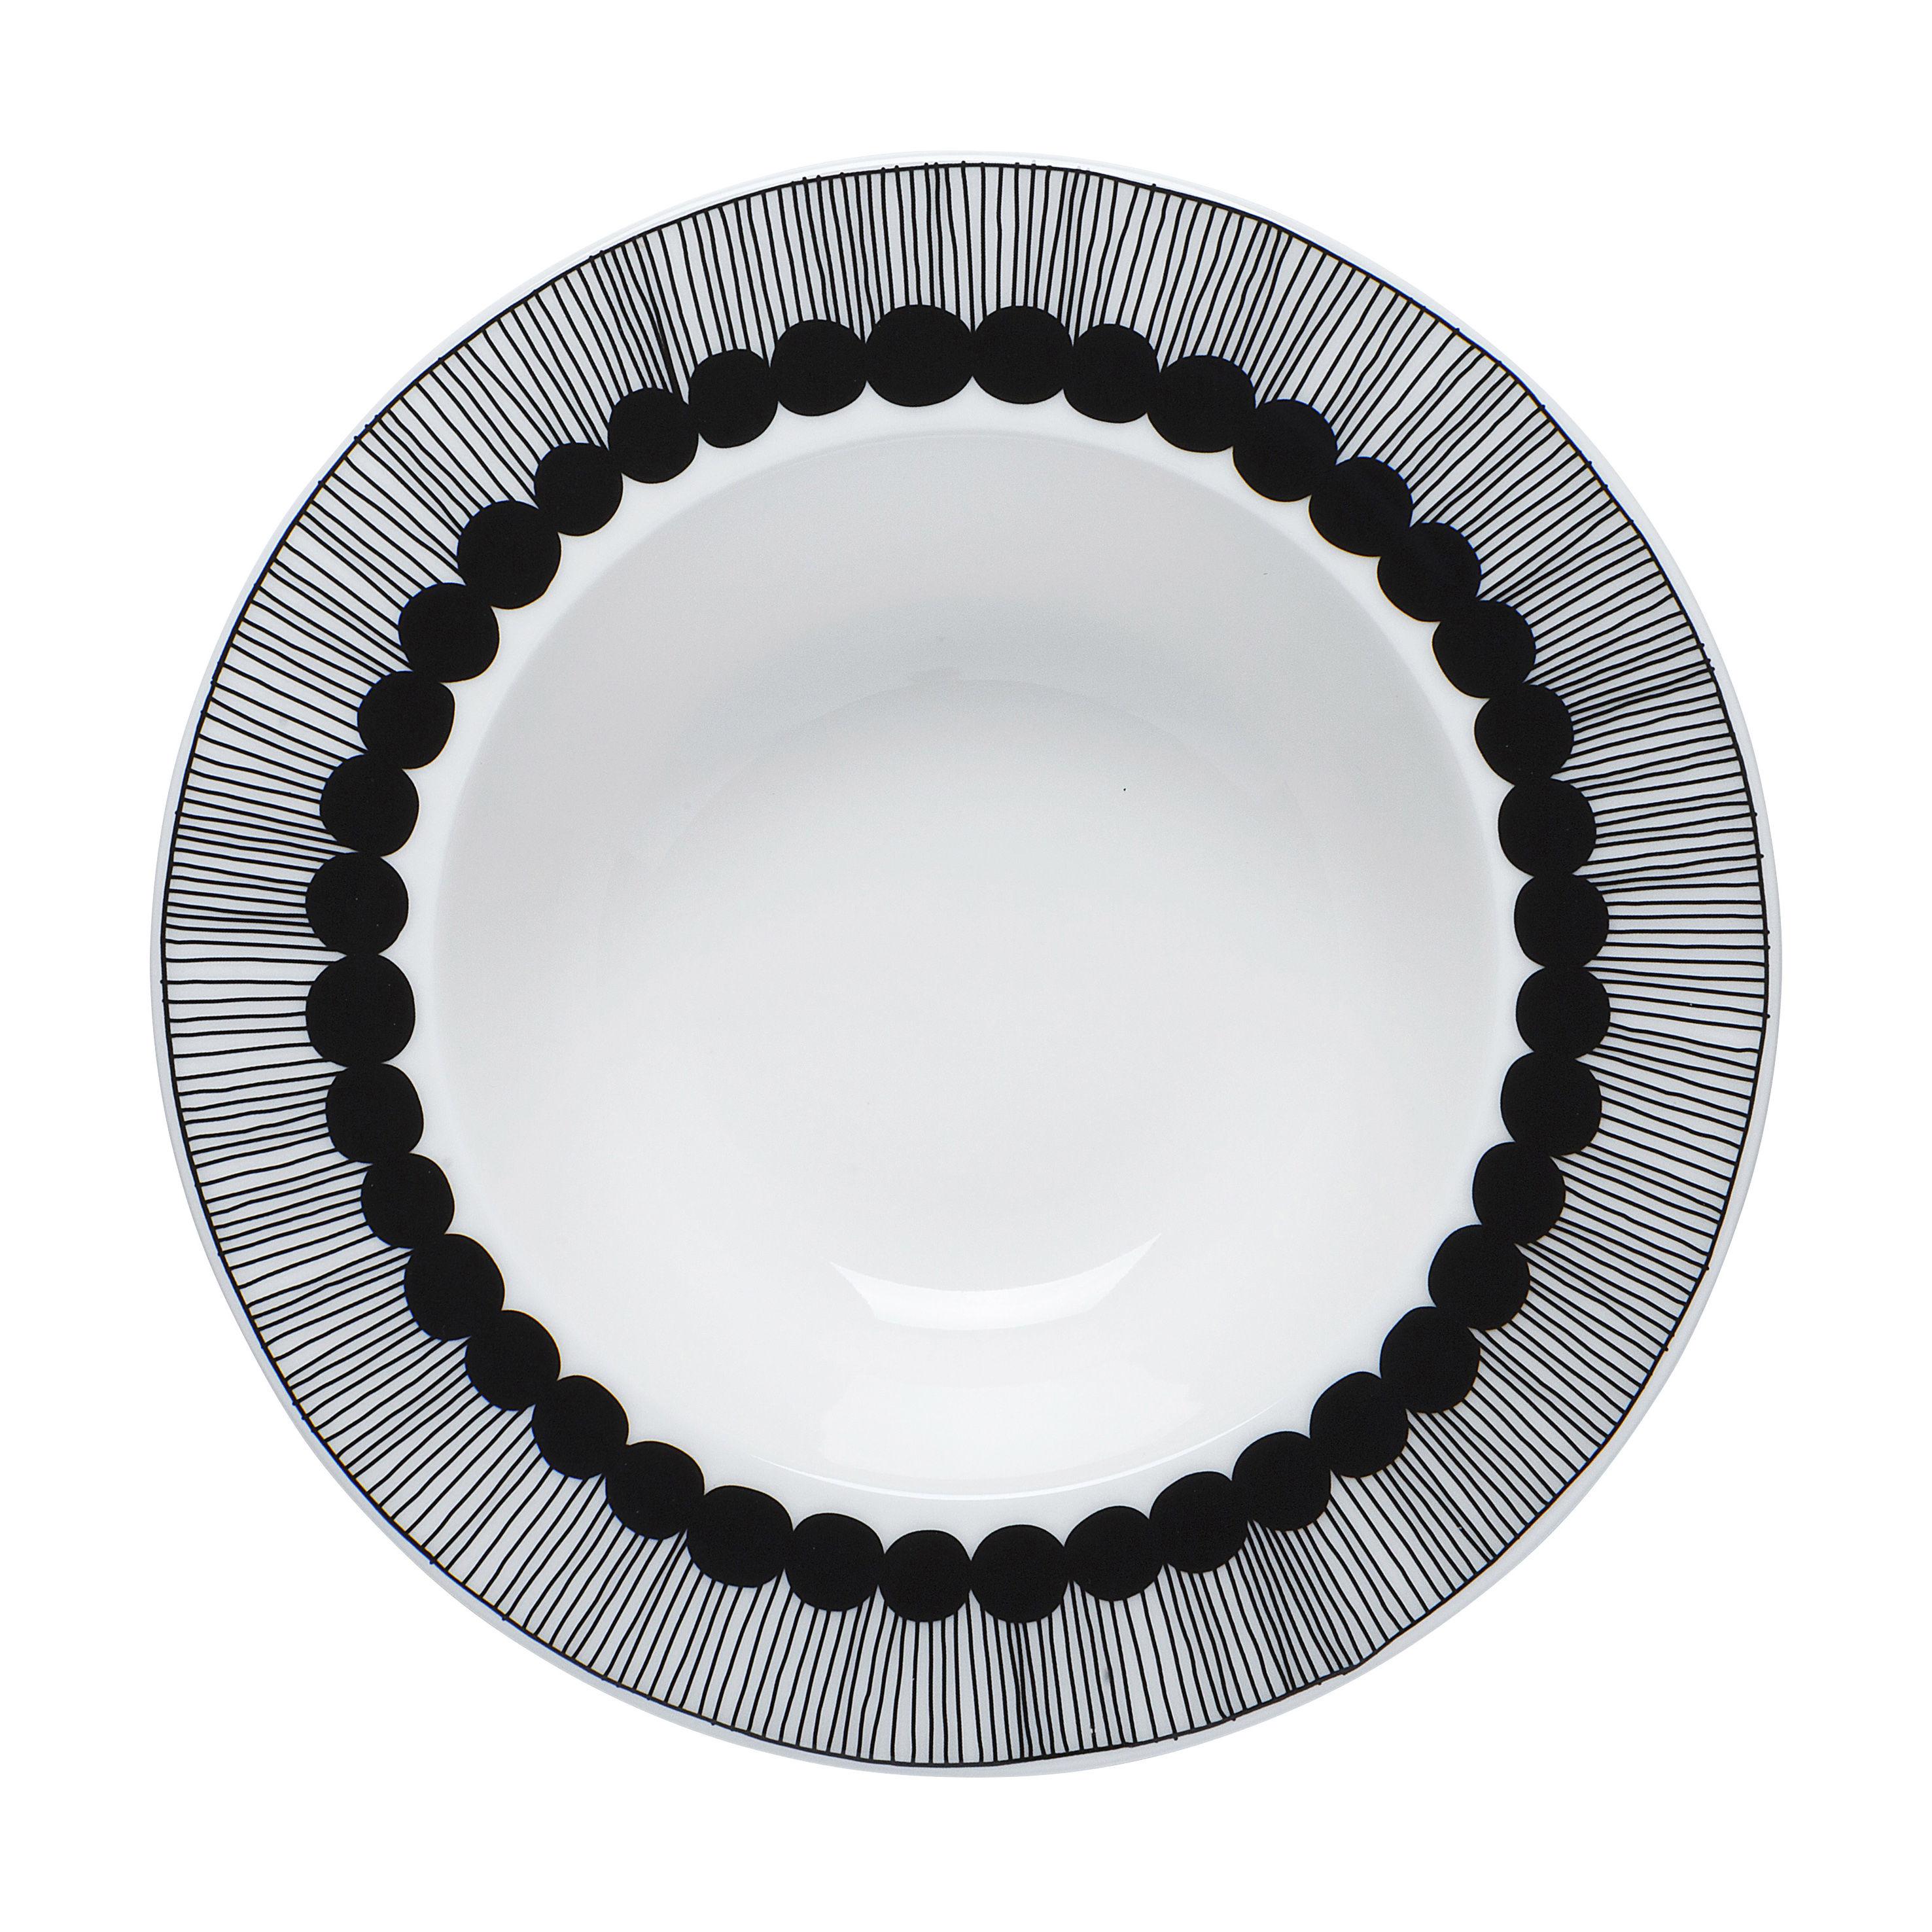 siirtolapuutarha suppenteller 20 cm wei schwarz by marimekko made in design. Black Bedroom Furniture Sets. Home Design Ideas